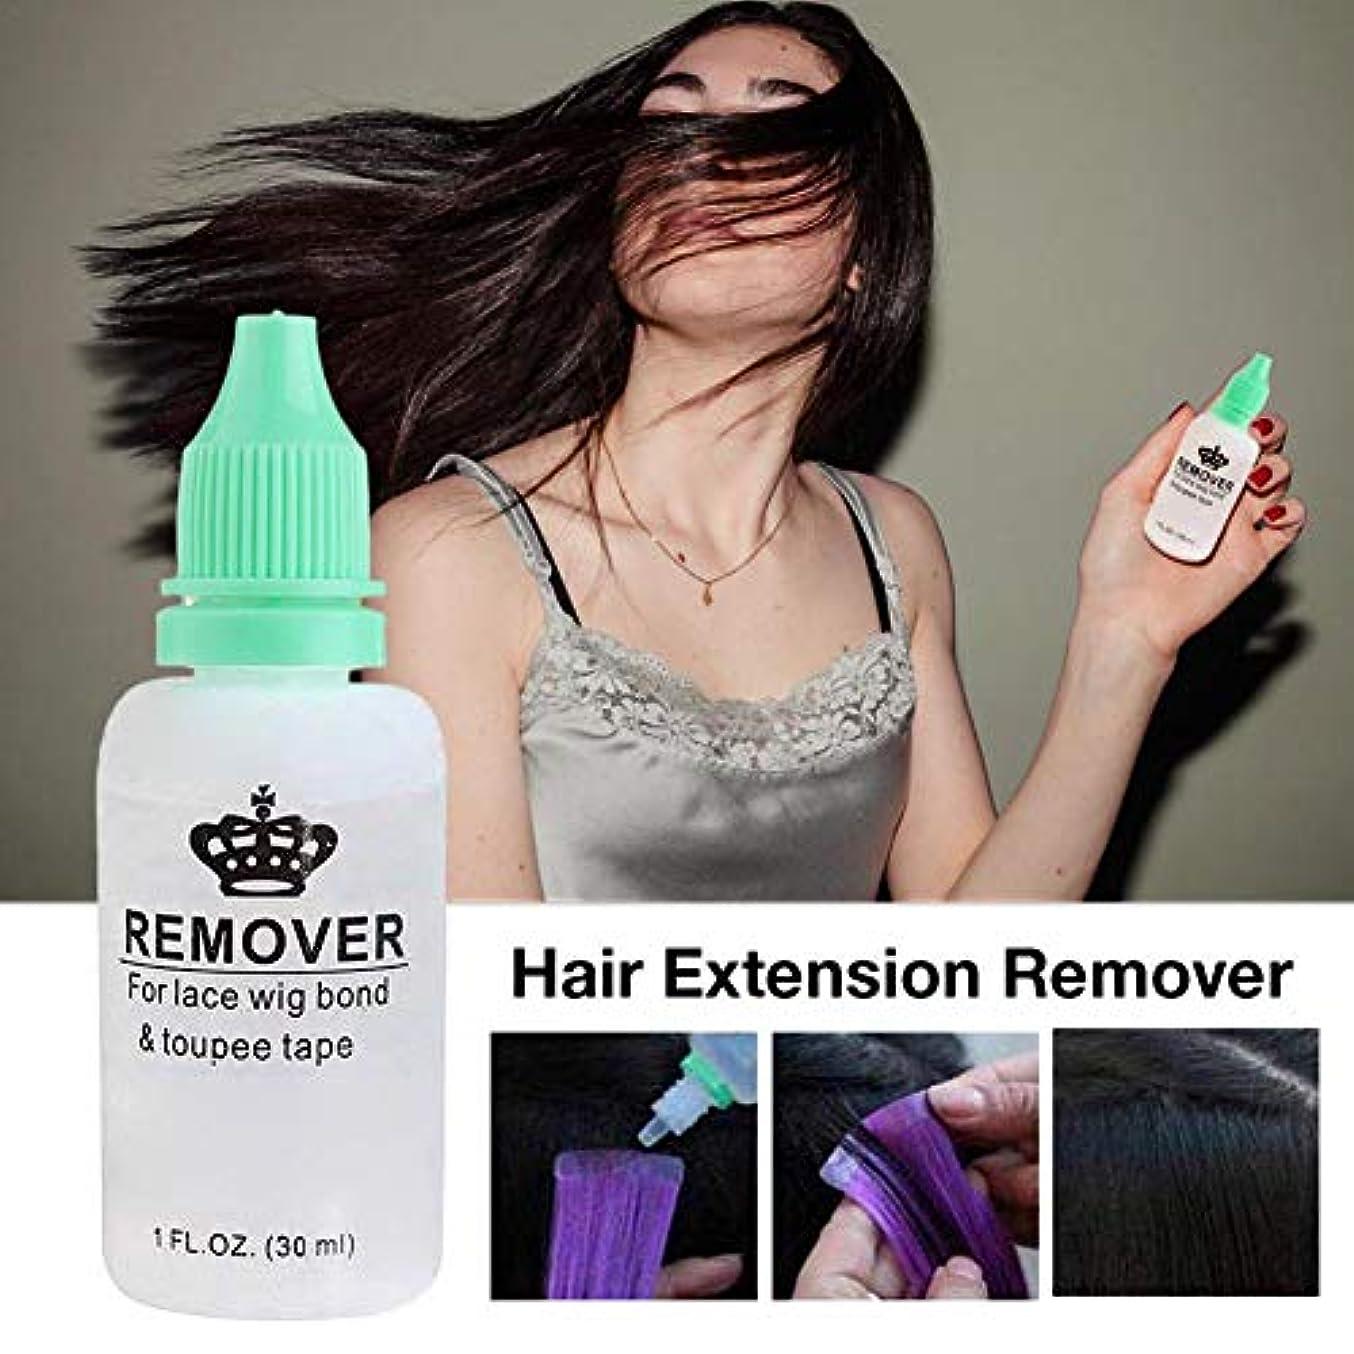 王朝プラットフォームまたね毛のりの除去剤、レースのかつらのToupeeの皮のよこ糸のテープのための極度の毛の付着力の除去剤の接着剤の除去剤のびん